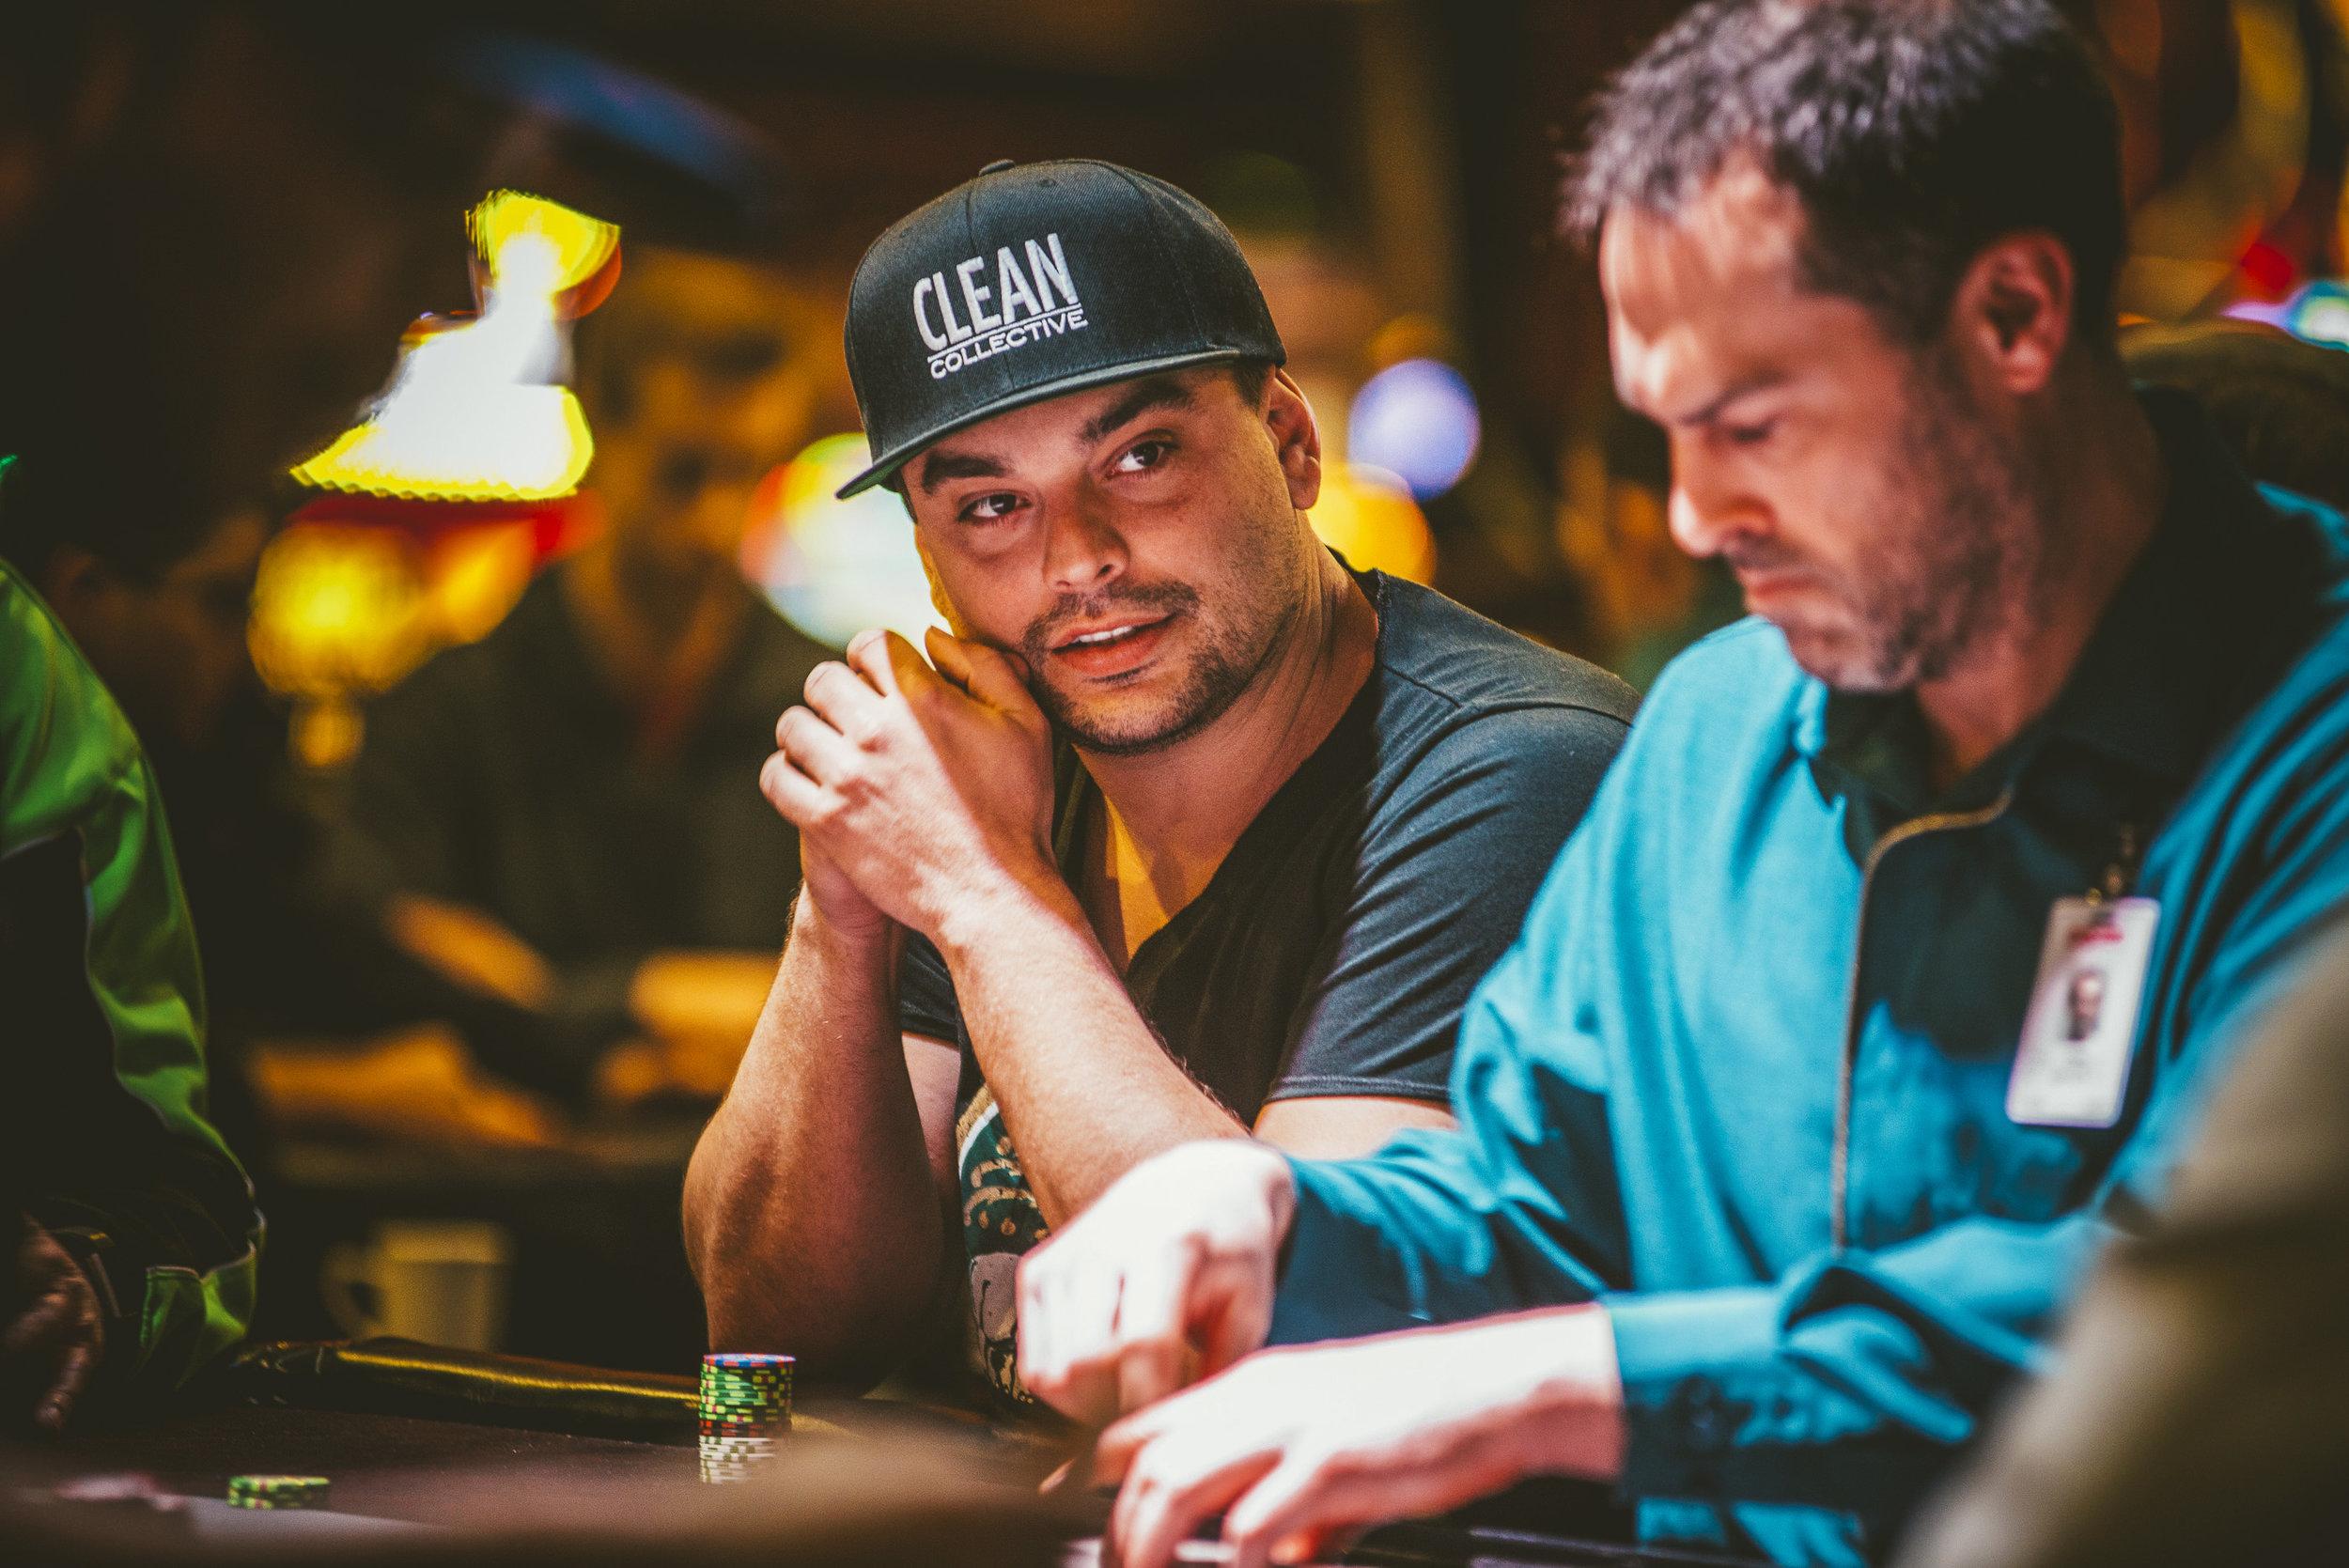 DeepStacks Poker Tour_Mitchell Heidt_Amato_AA42282.jpg